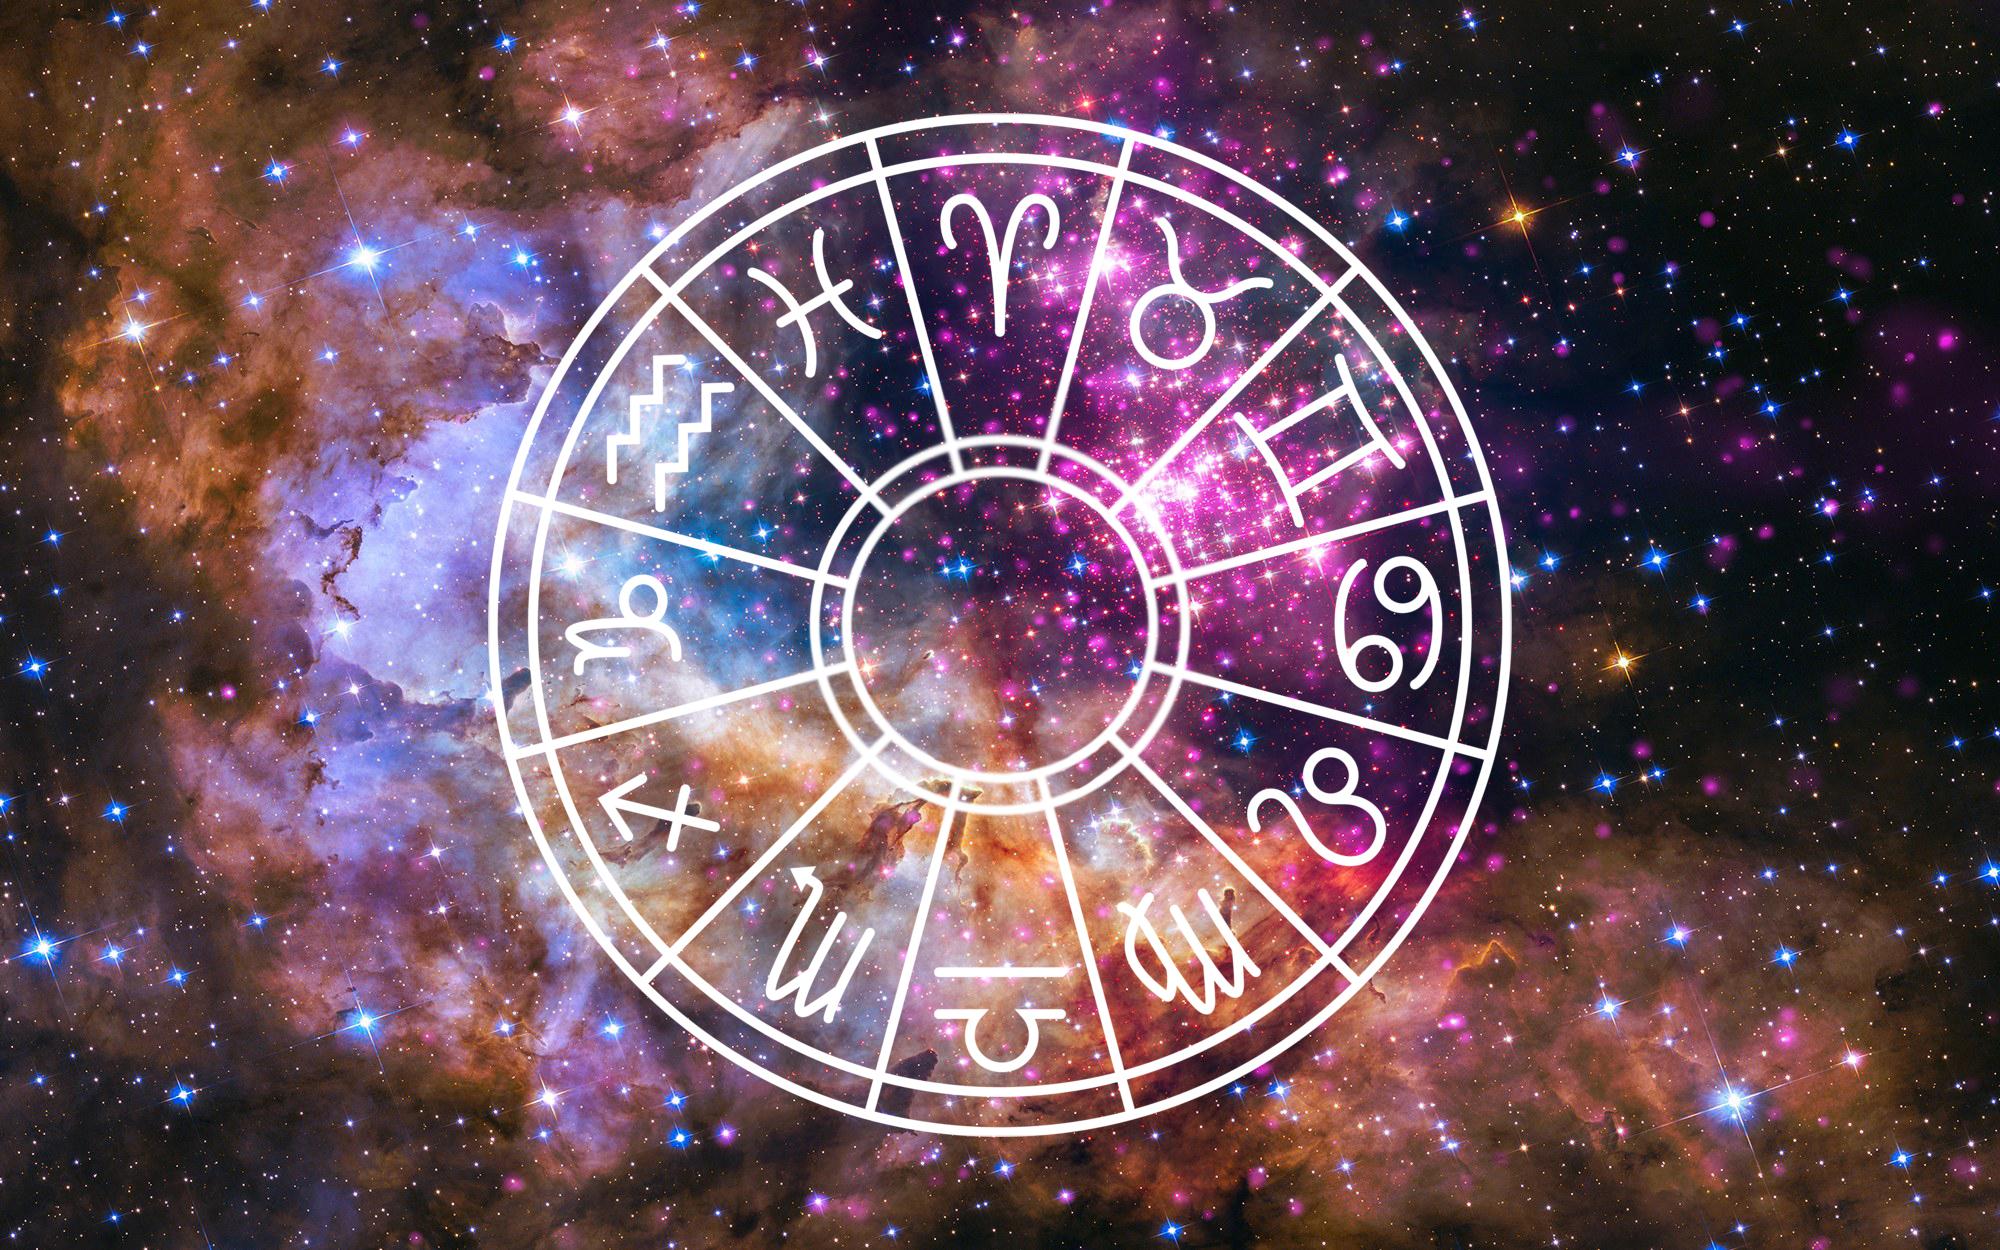 Мужской гороскоп на неделю с 6 по 12 мая 2019 года для всех знаков Зодиака